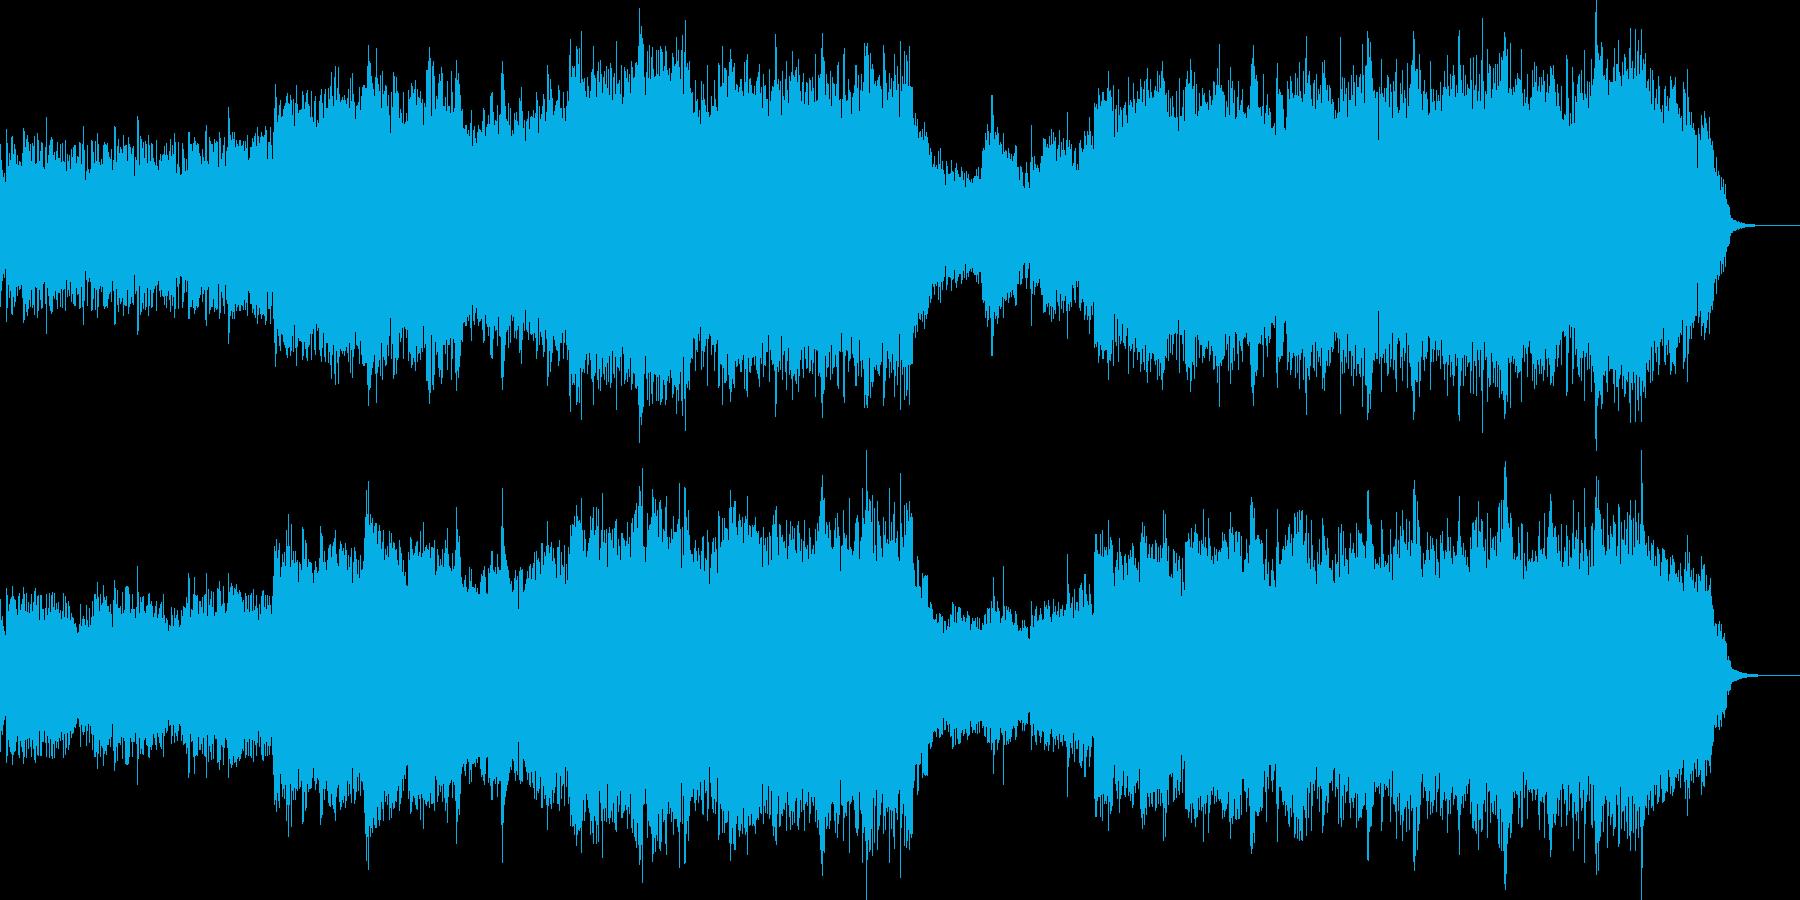 Yellow riverの再生済みの波形